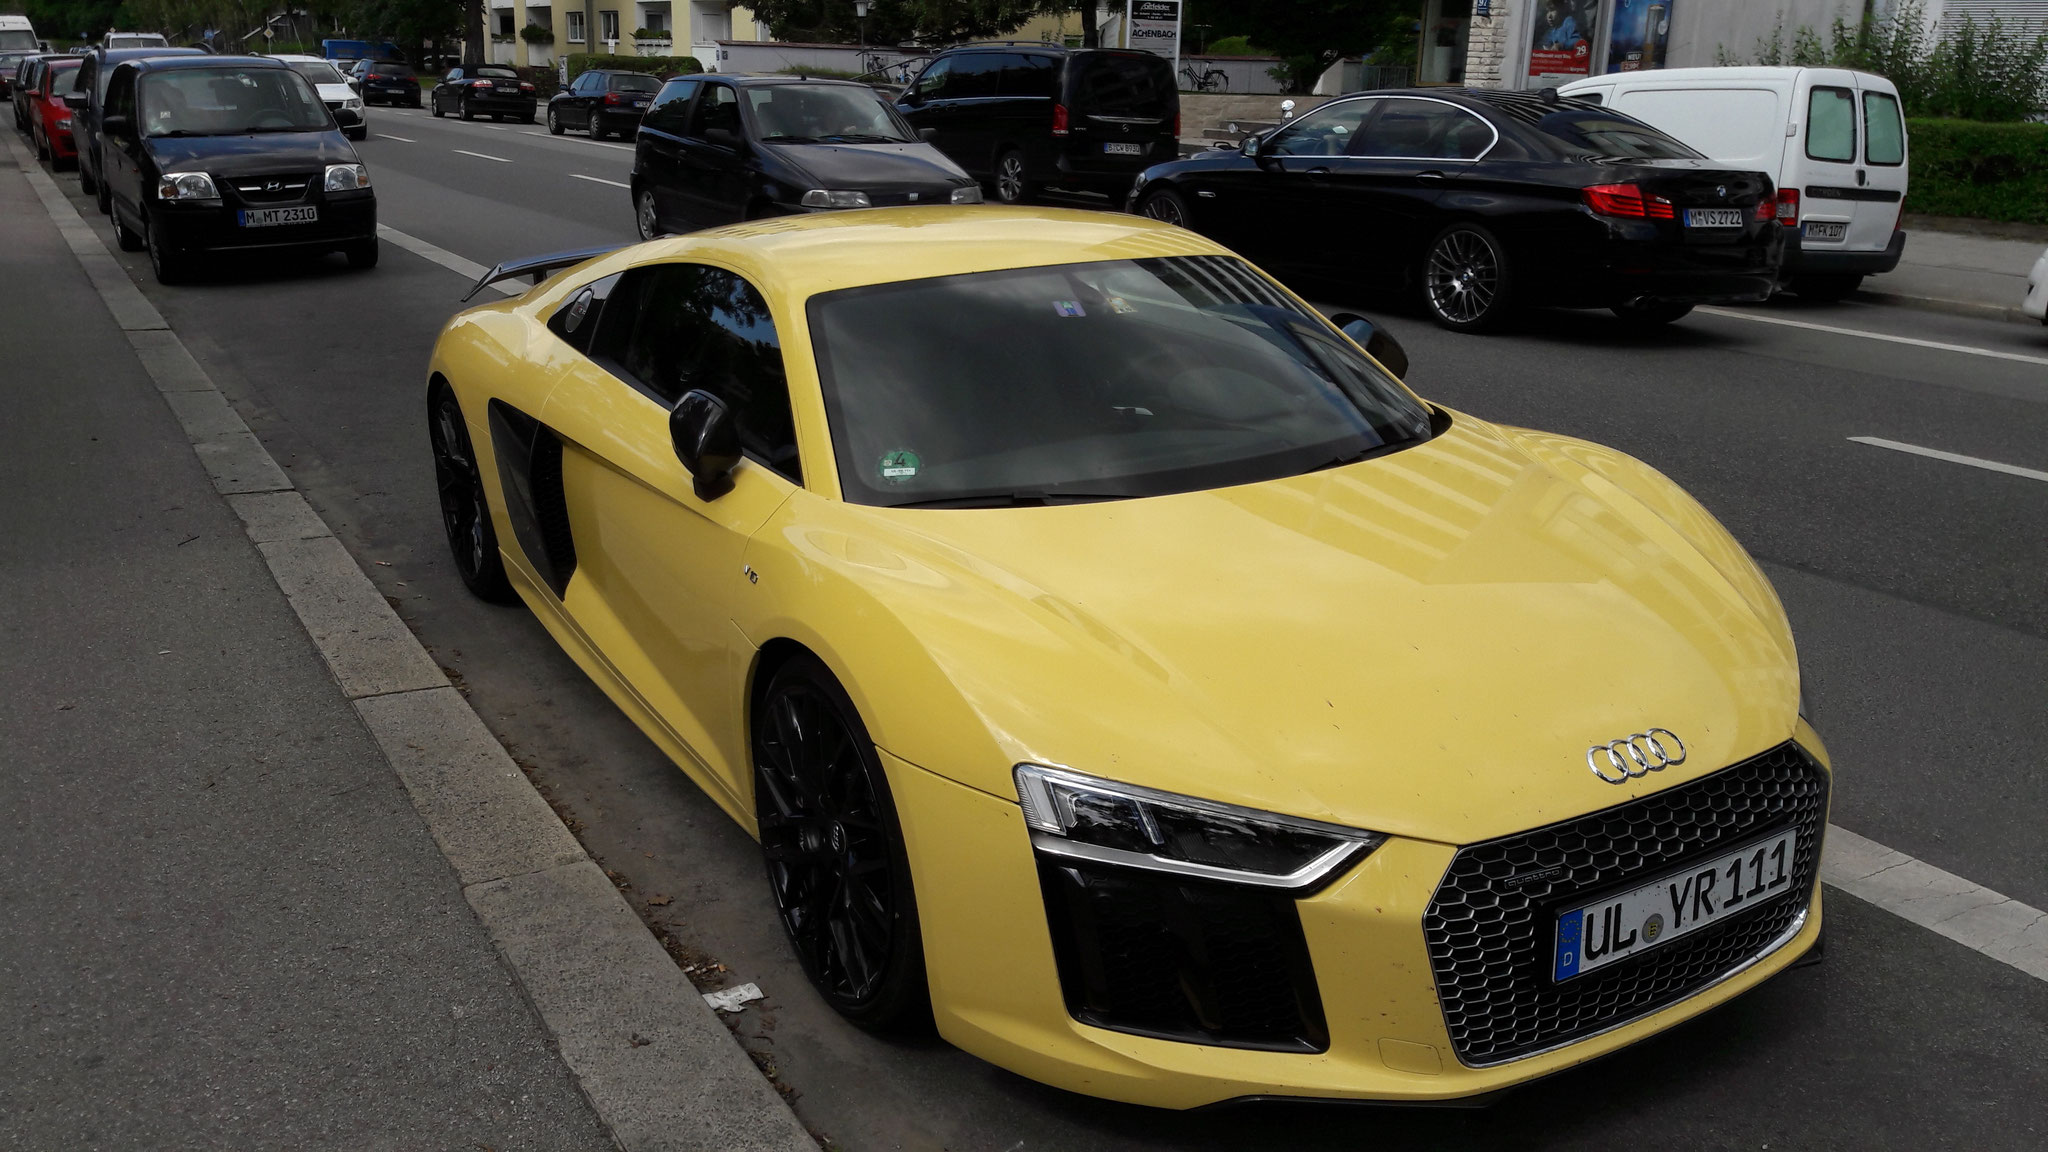 Audi R8 V10 - UL-YR-111